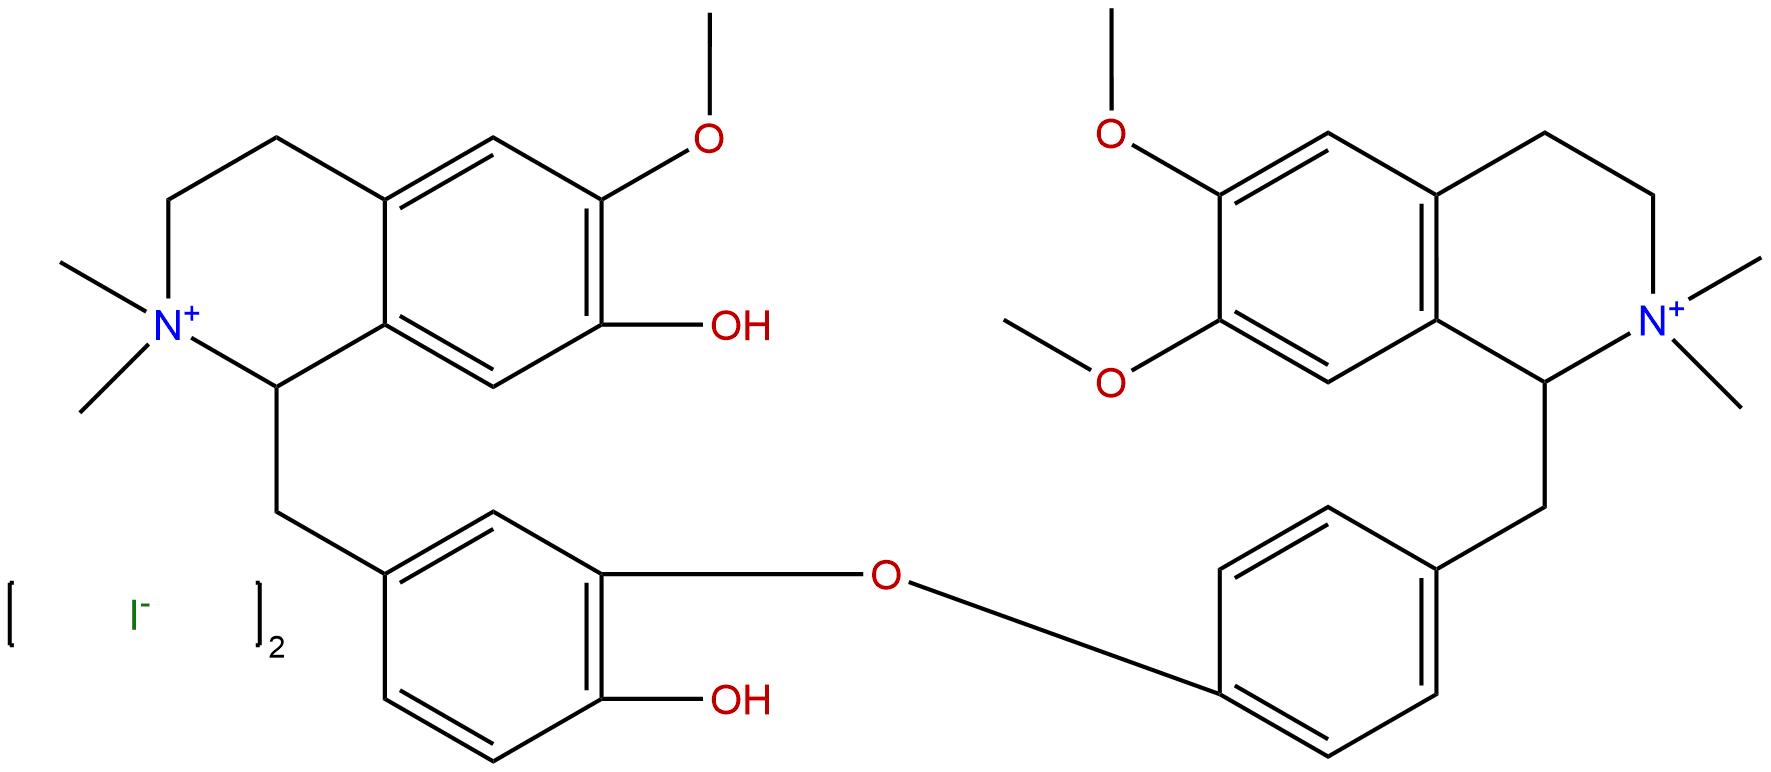 N,N'-dimethyldaurisoline iodide